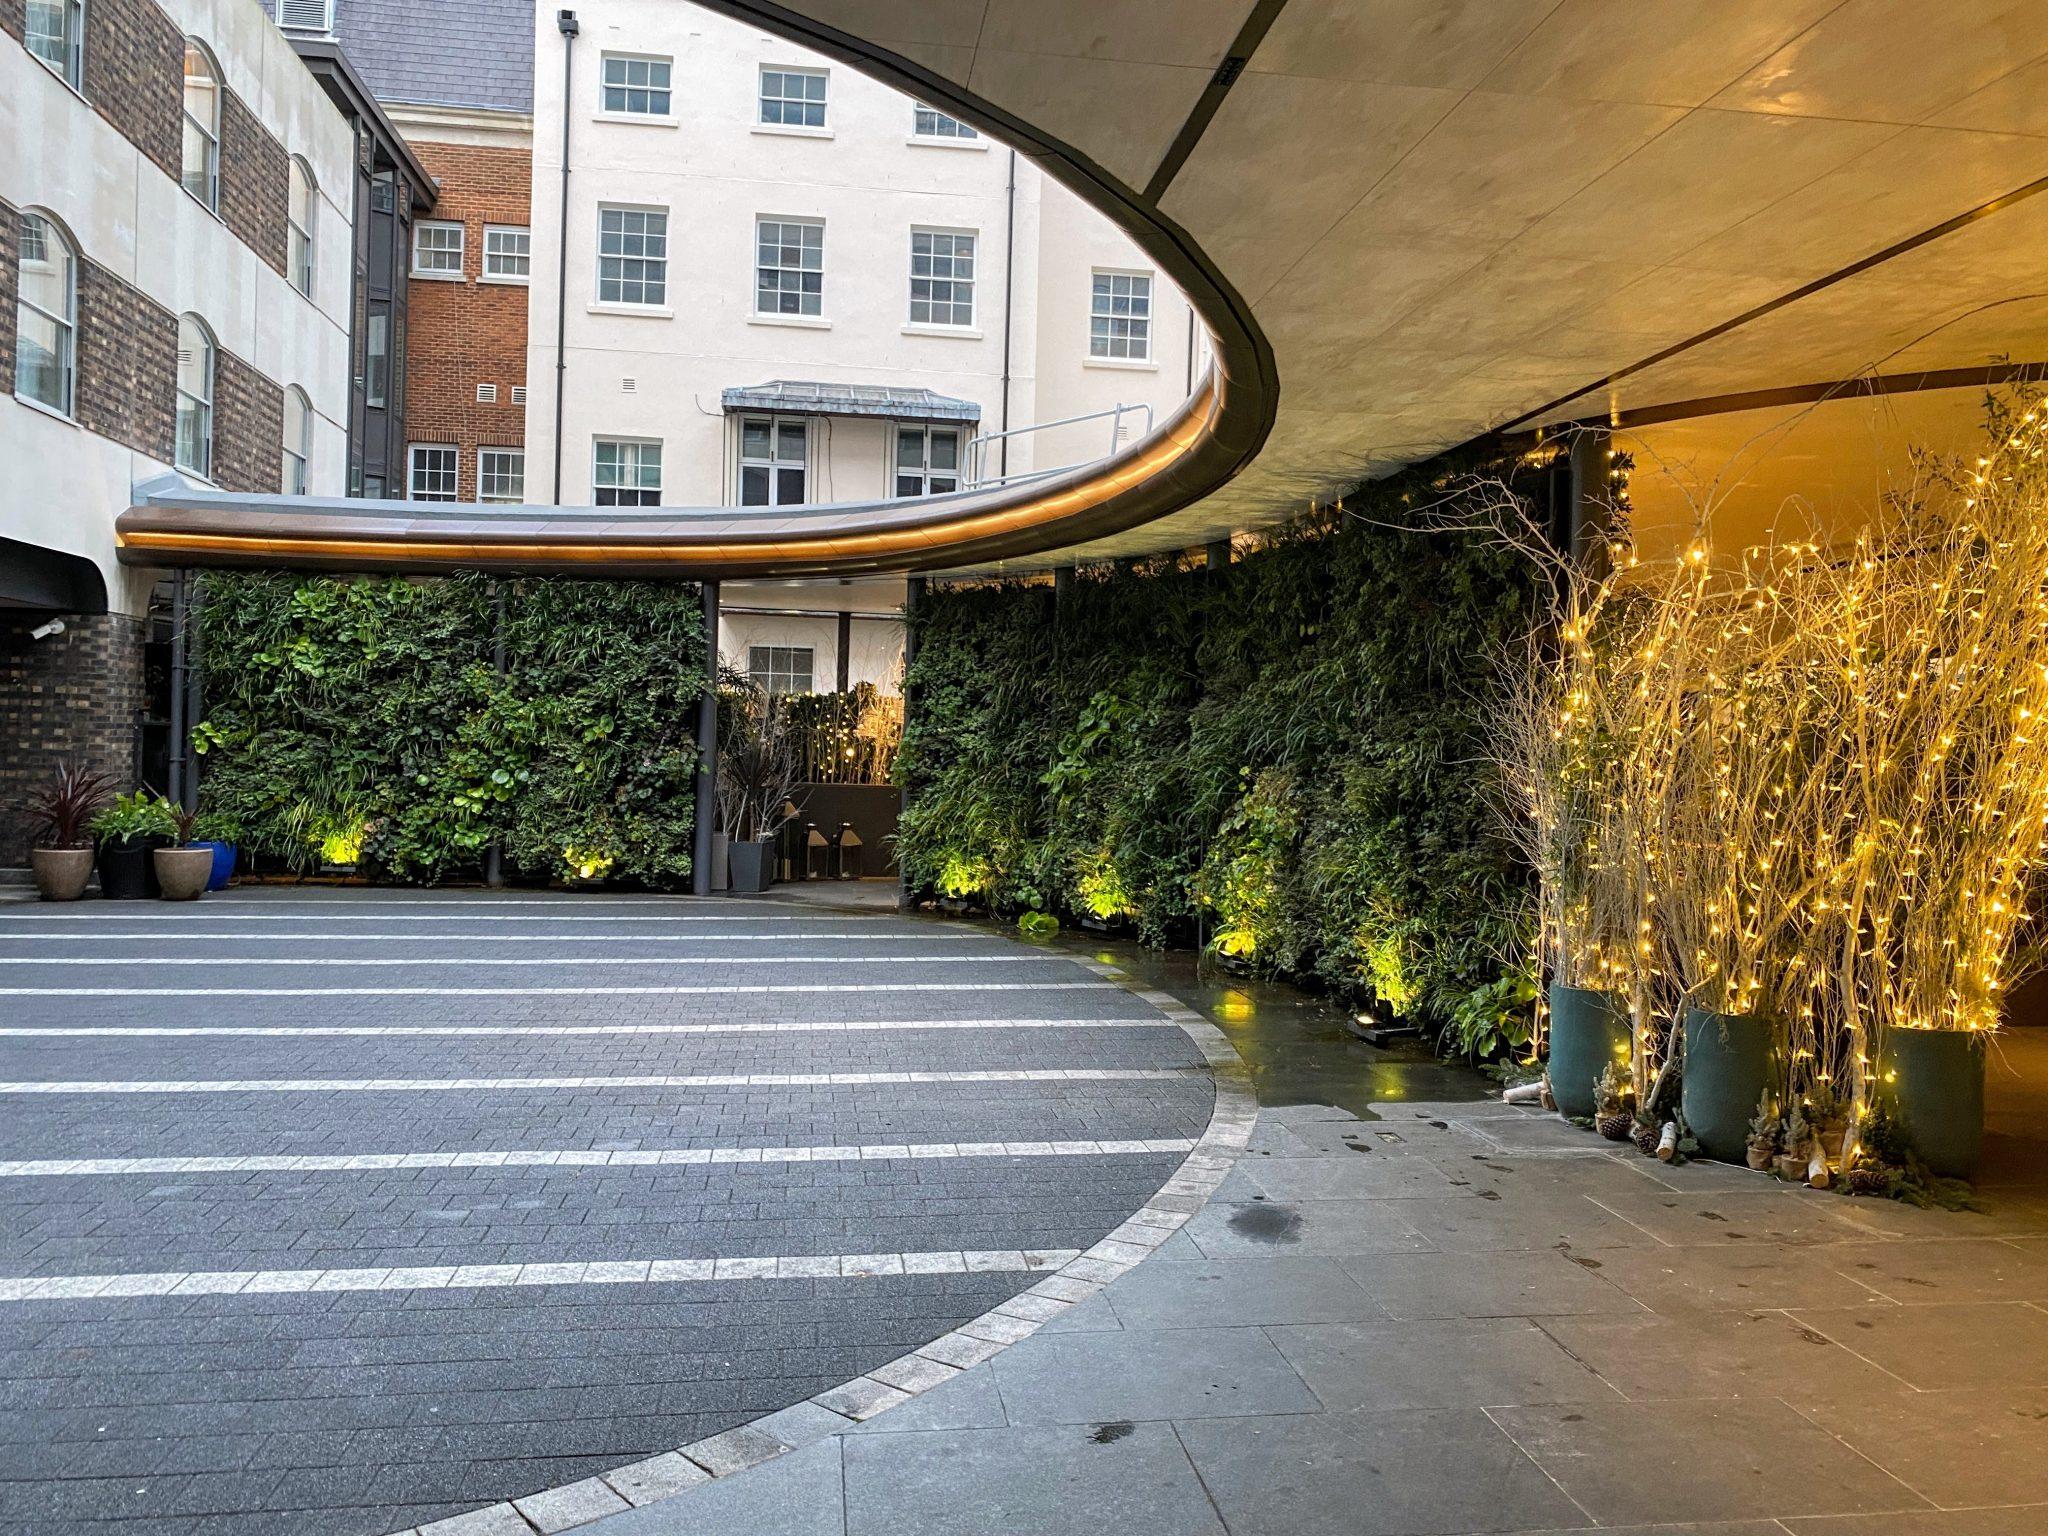 The Biltmore Mayfair London exterior 1